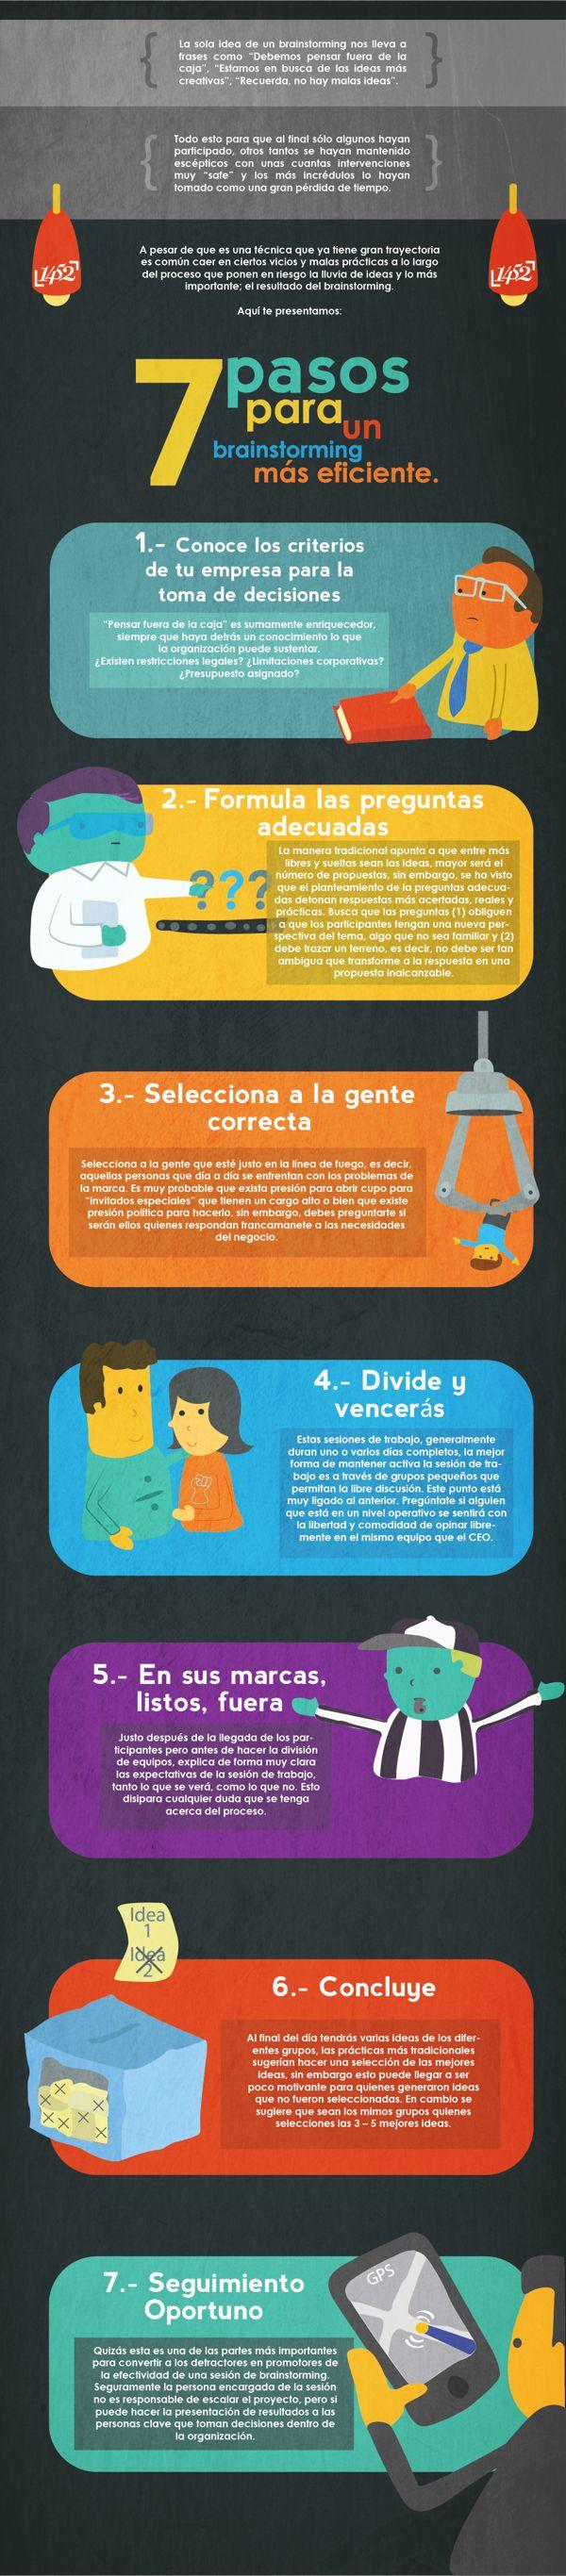 7 pasos para un Brainstorming más eficiente #infografia